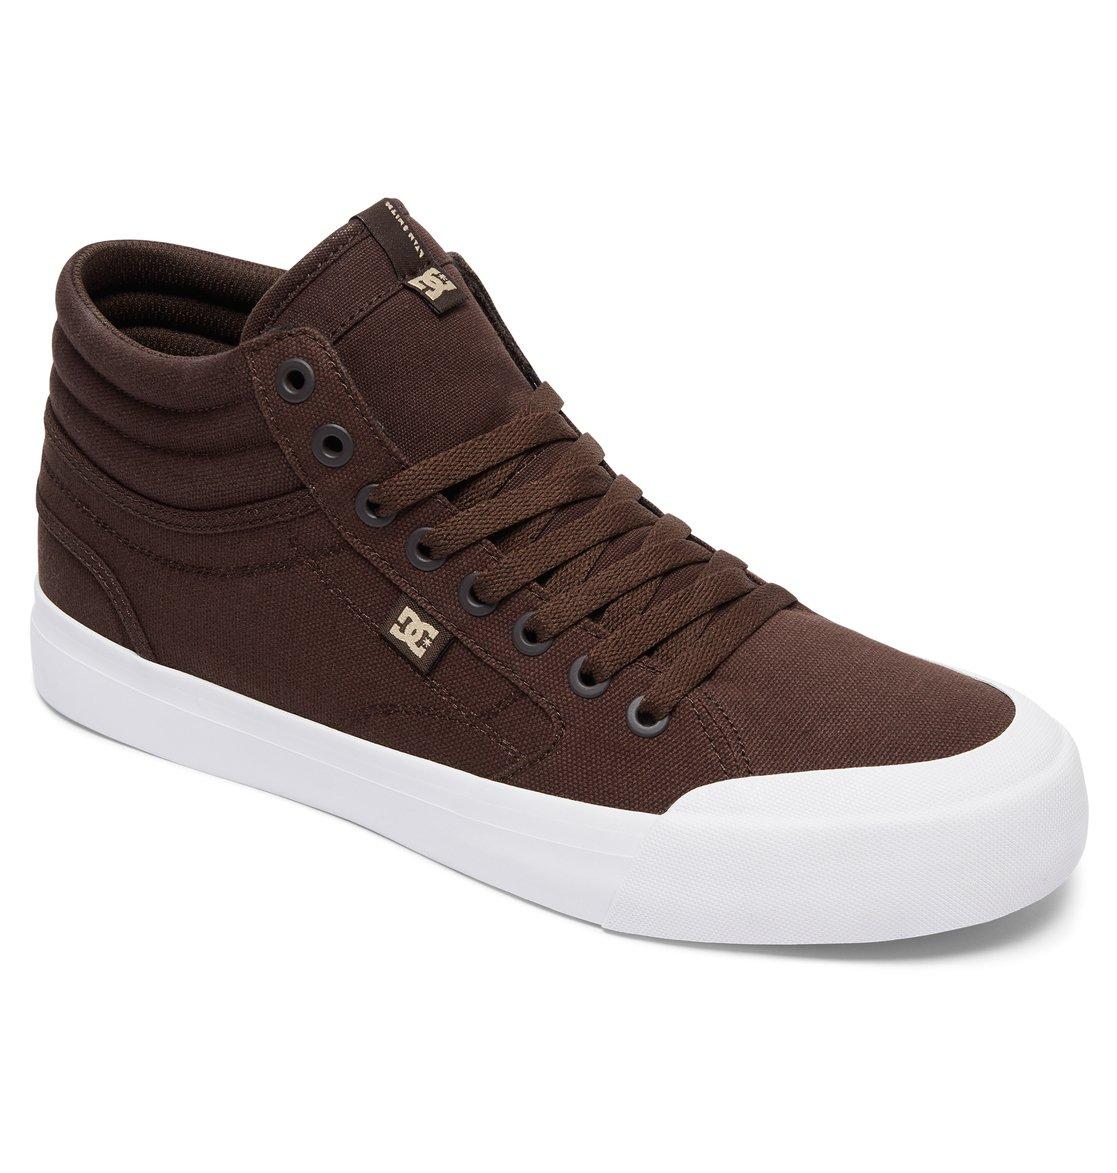 DC Shoes Evan Smith TX Se - Shoes - Zapatillas - Hombre - EU 40.5